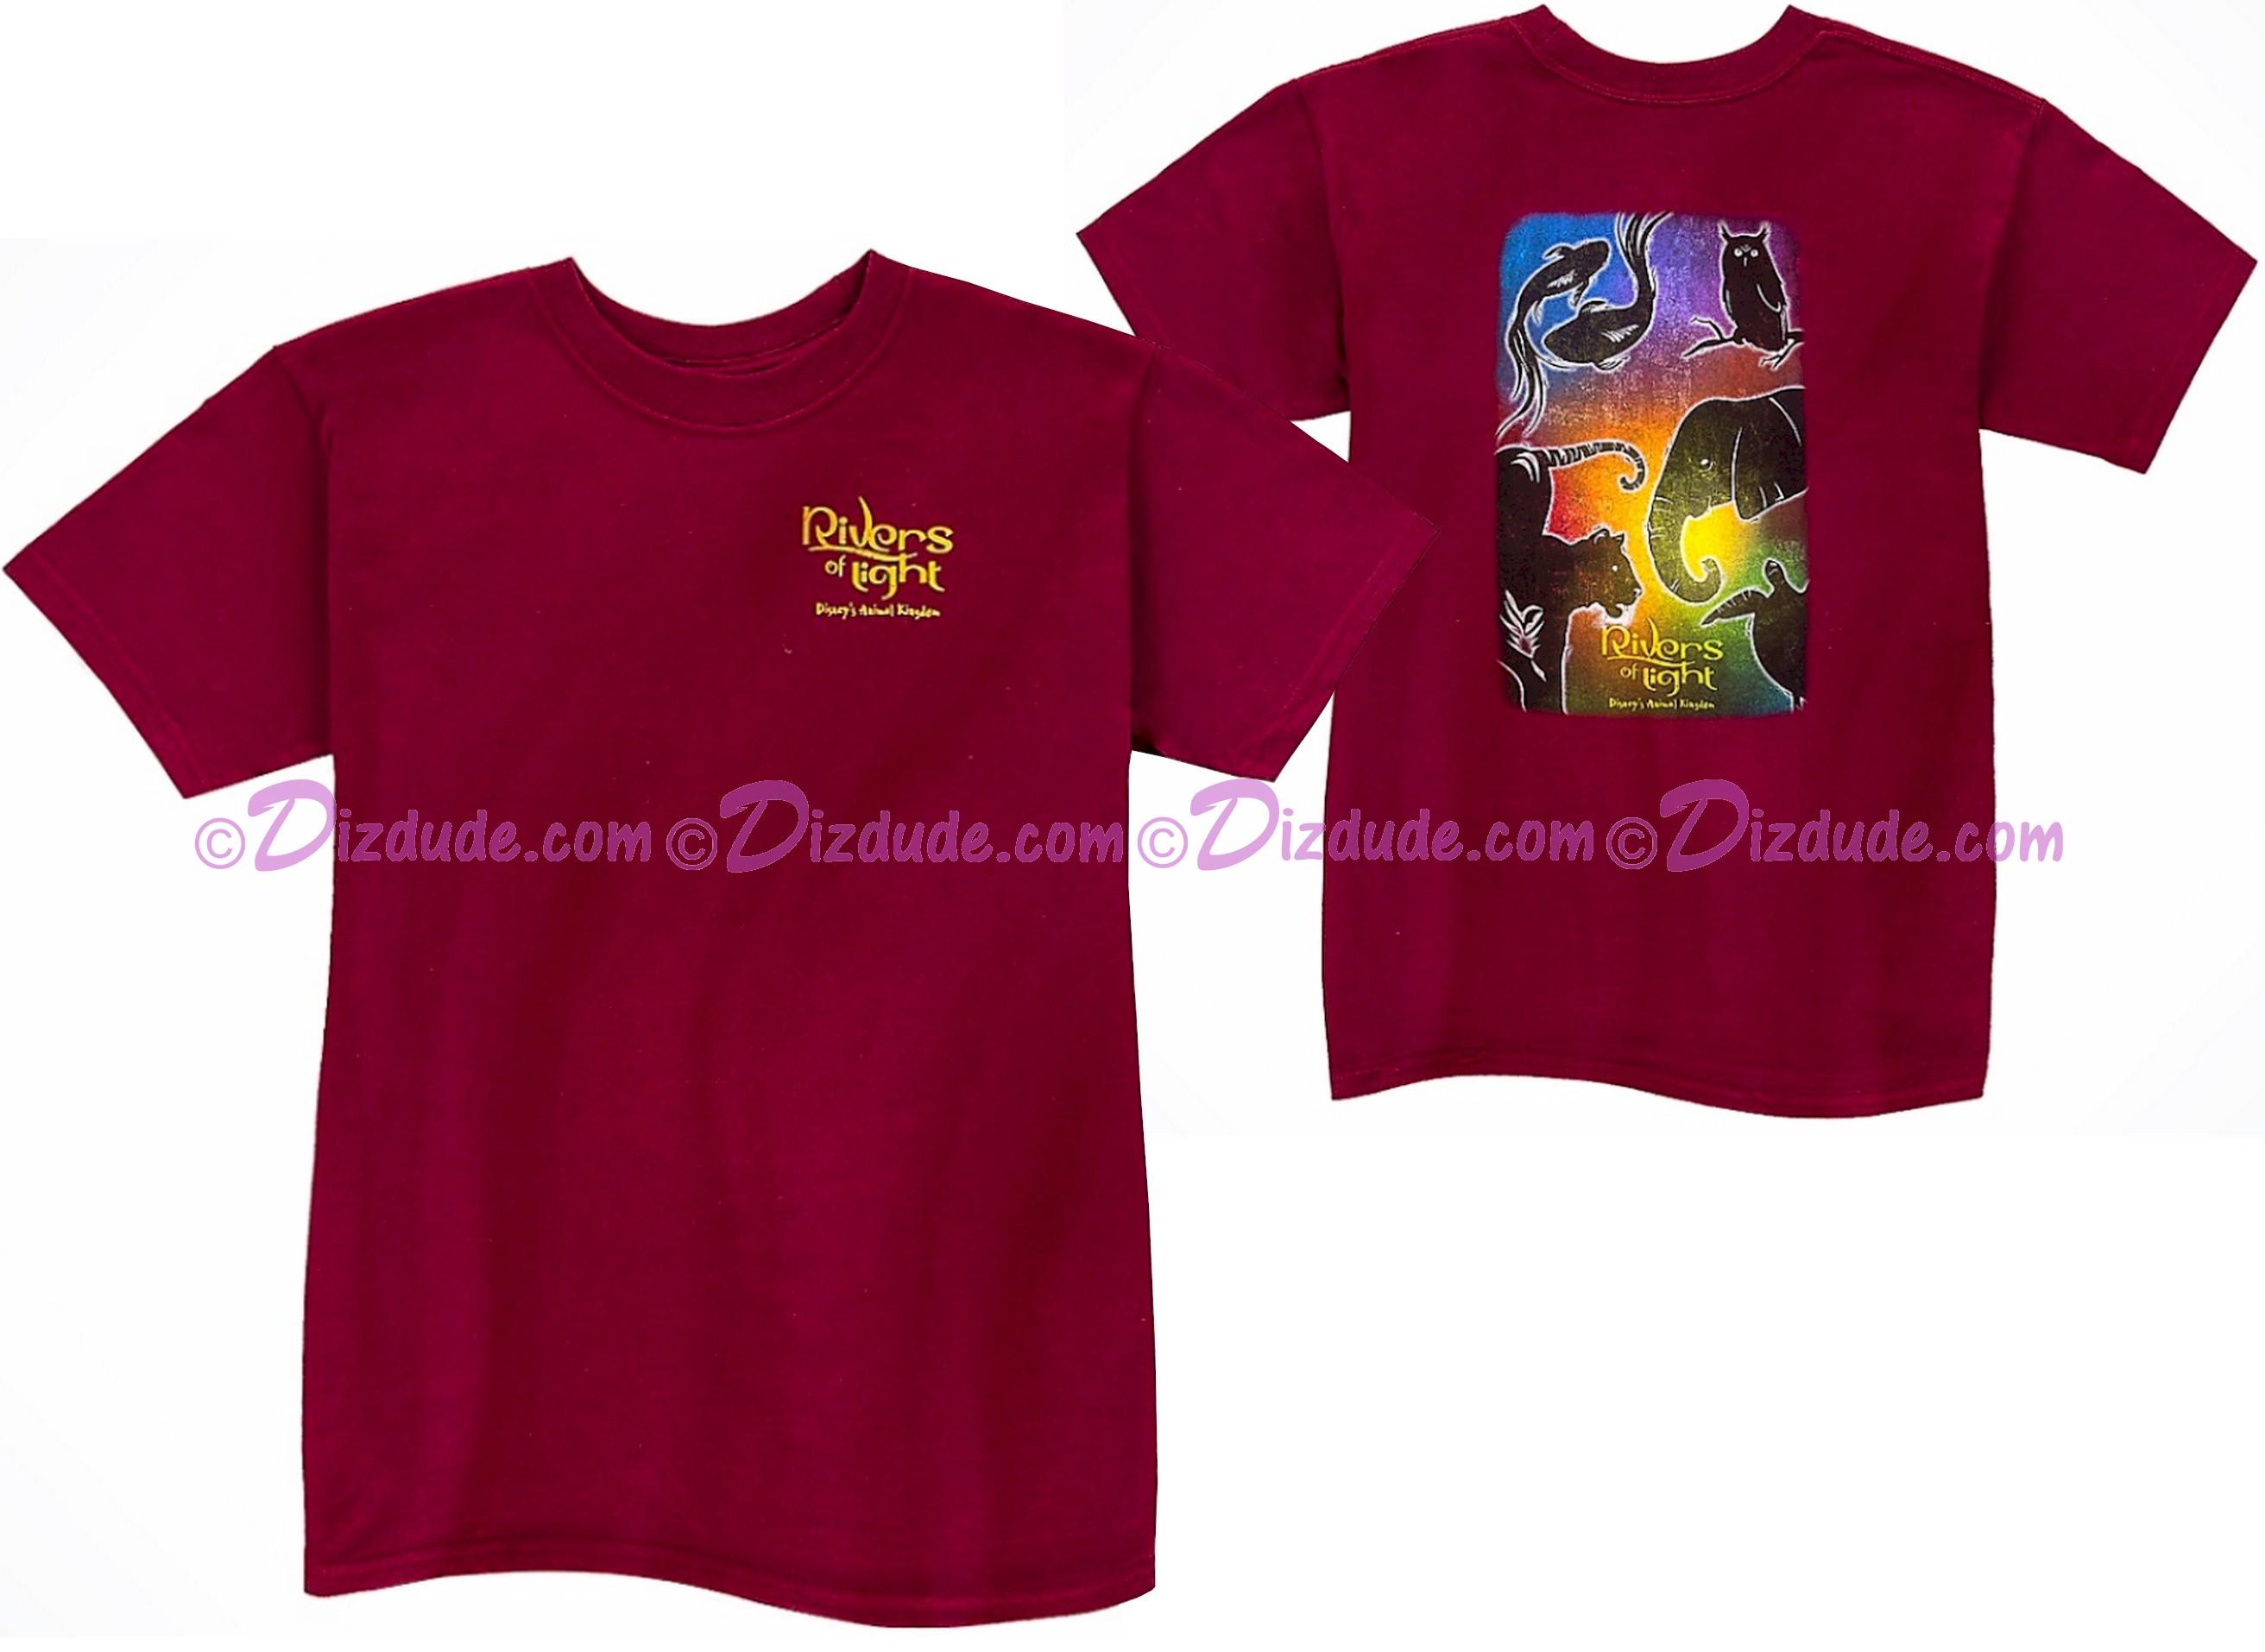 Rivers Of Light Youth T-Shirt (Tee, Tshirt or T shirt) ~ Disney Animal Kingdom